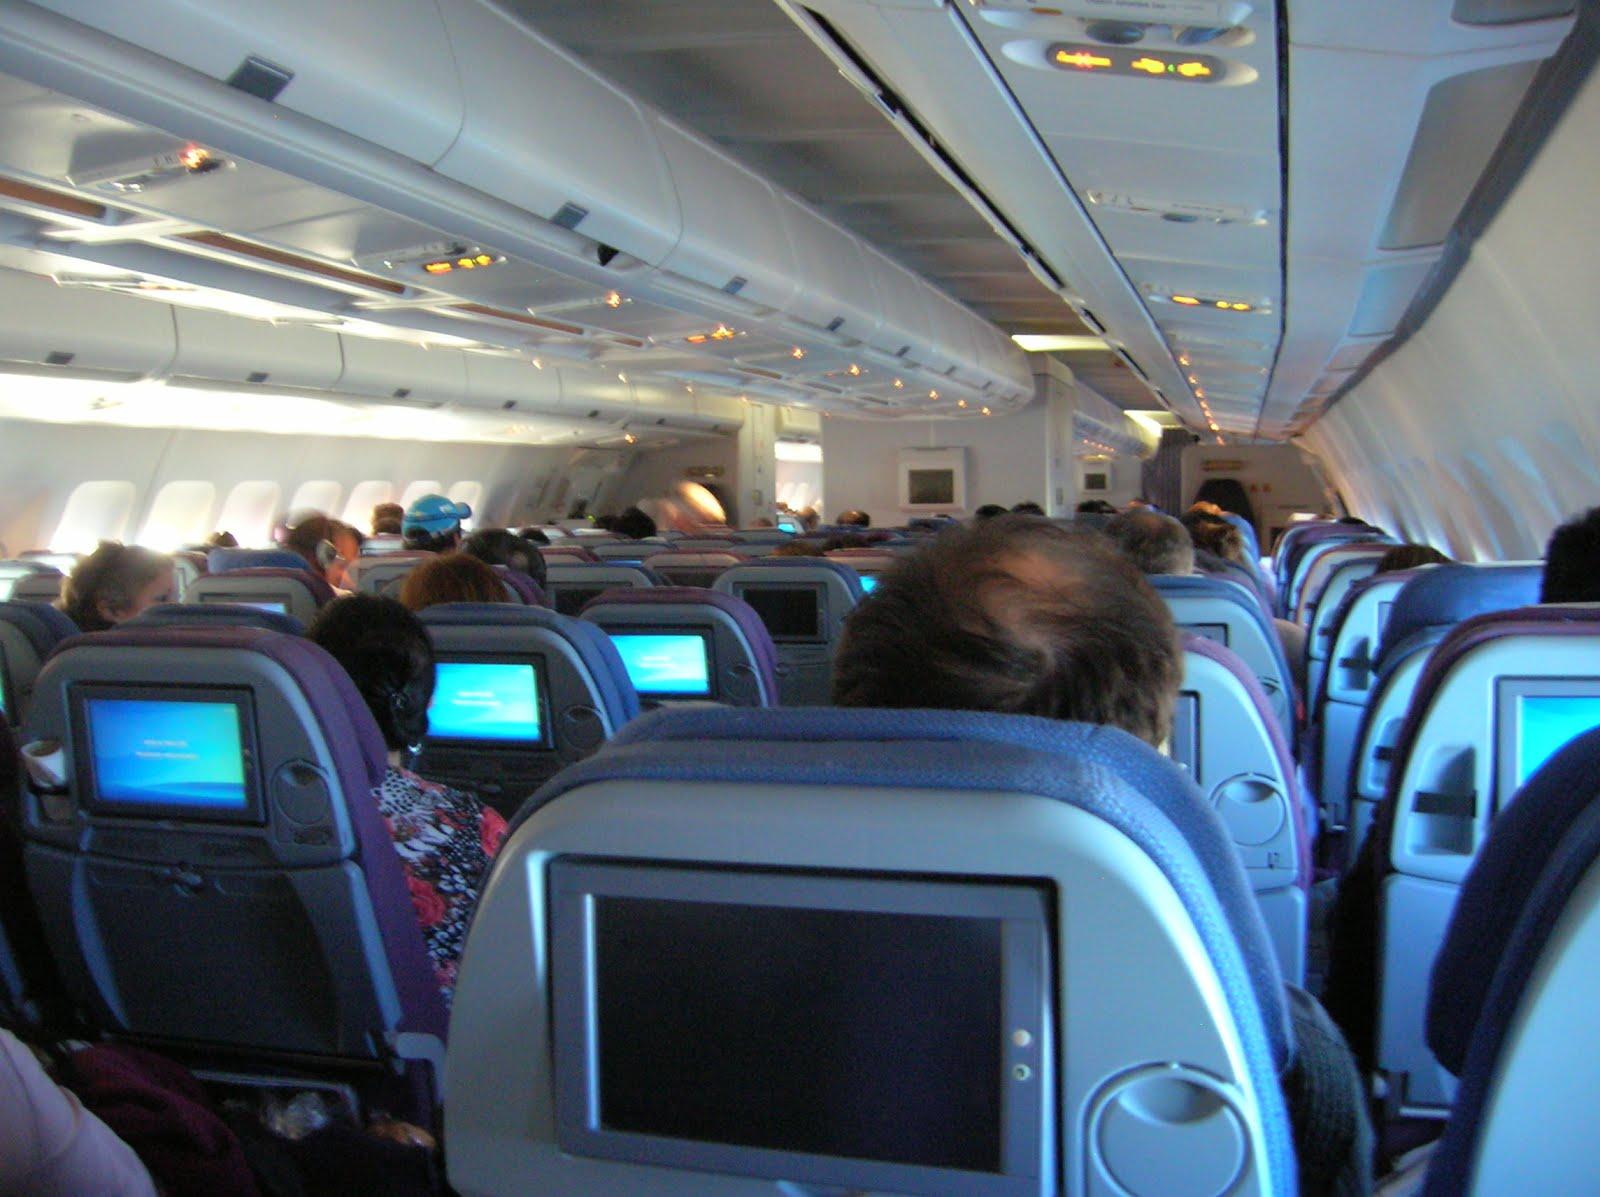 Airbus 340, A340 de LAN,Chile, vuelta al mundo, round the world, La vuelta al mundo de Asun y Ricardo